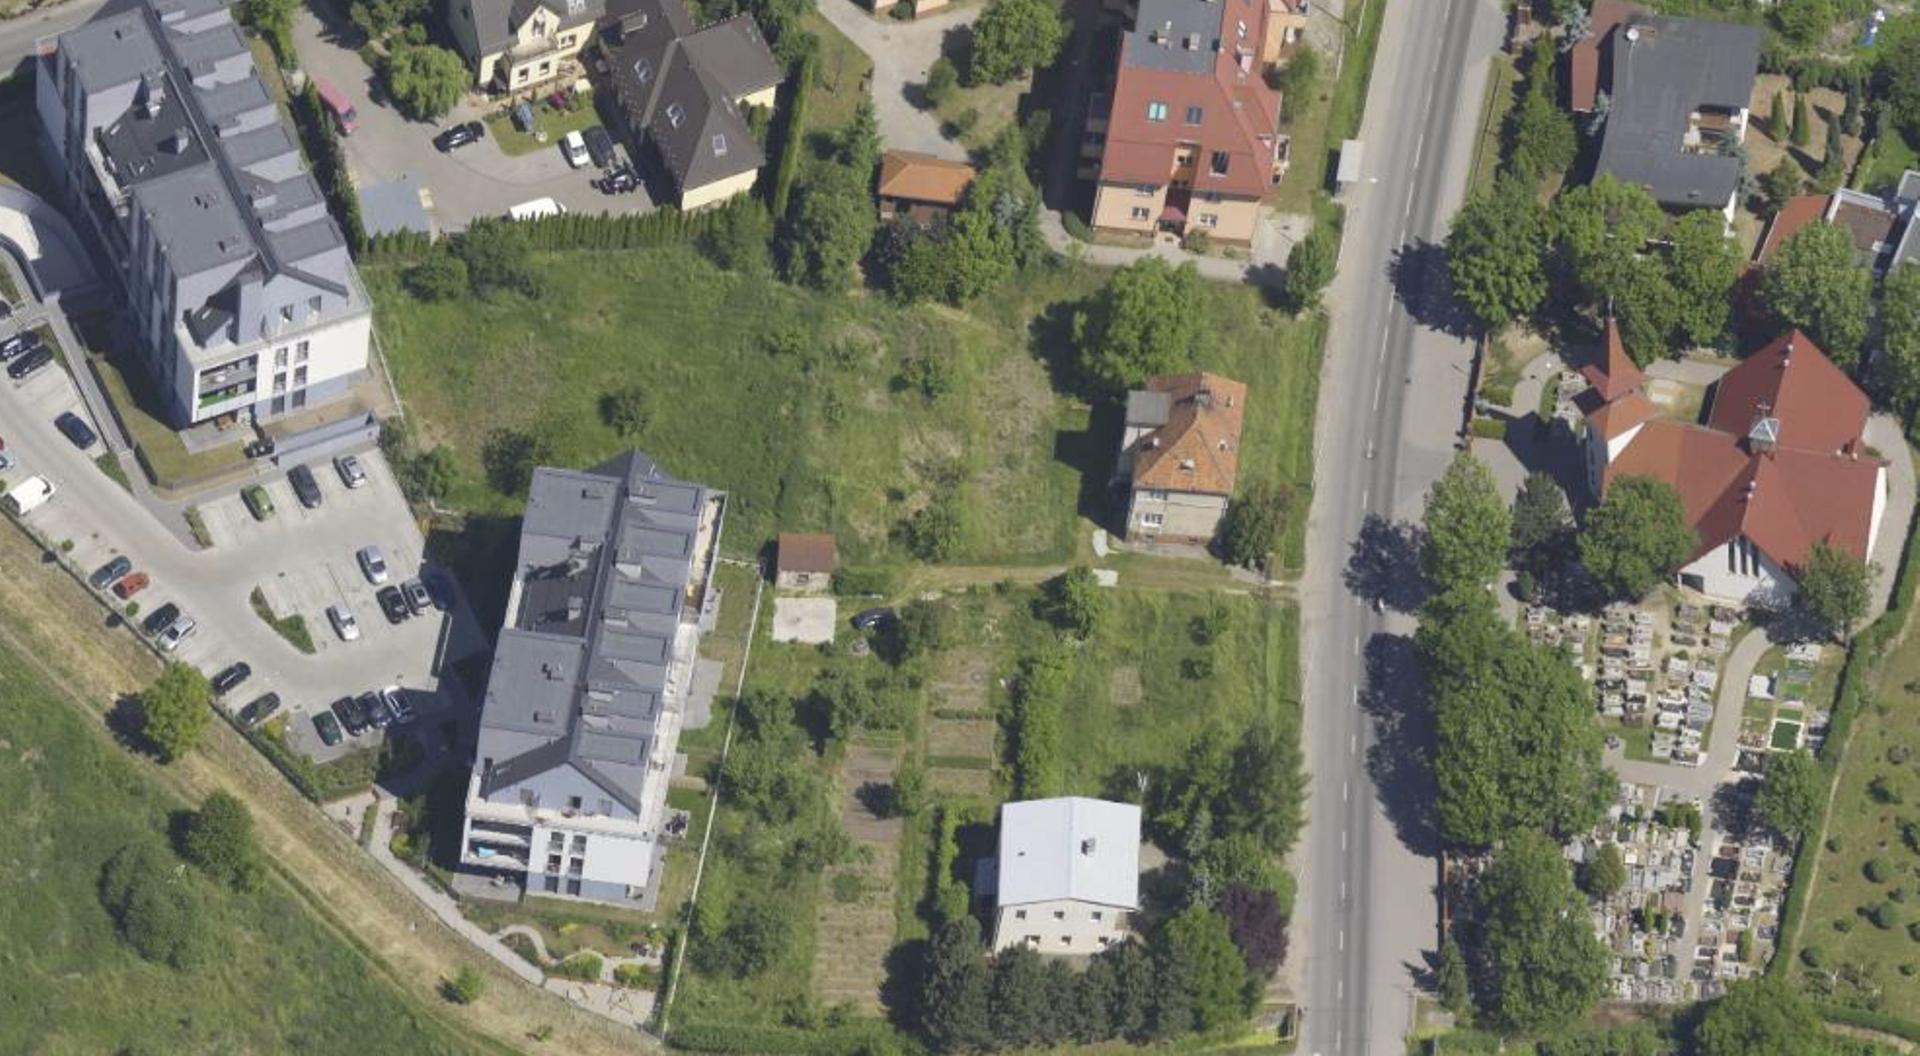 Wrocław: Wraca sprawa budowy osiedla wielorodzinnego na Poświętnem. Zmienił się projektant